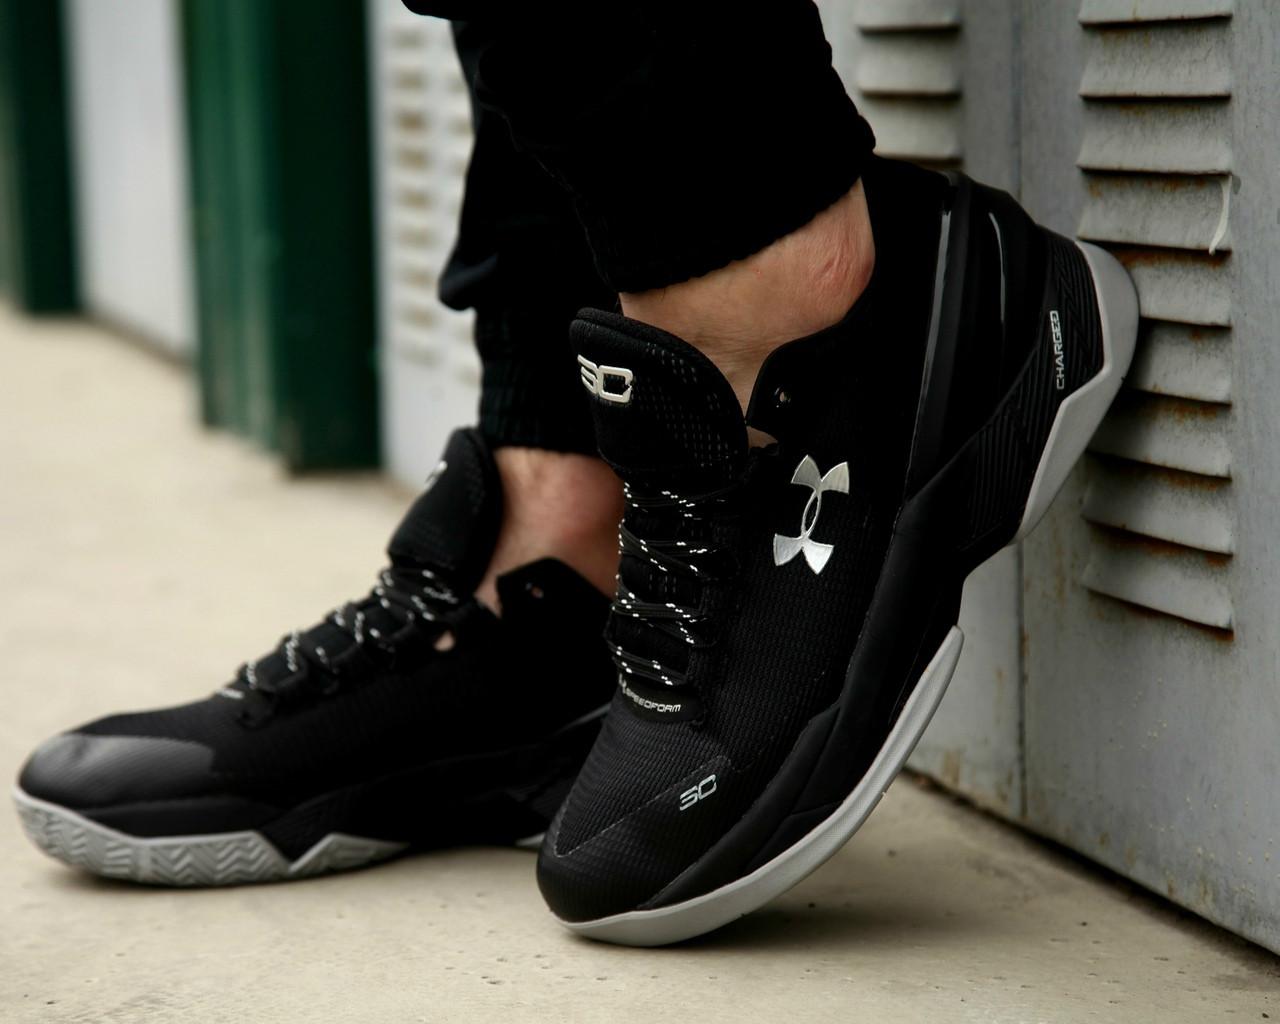 Мужские кроссовки Under Armour Curry 2 Low Essential, черные кроссовки Андер Армор